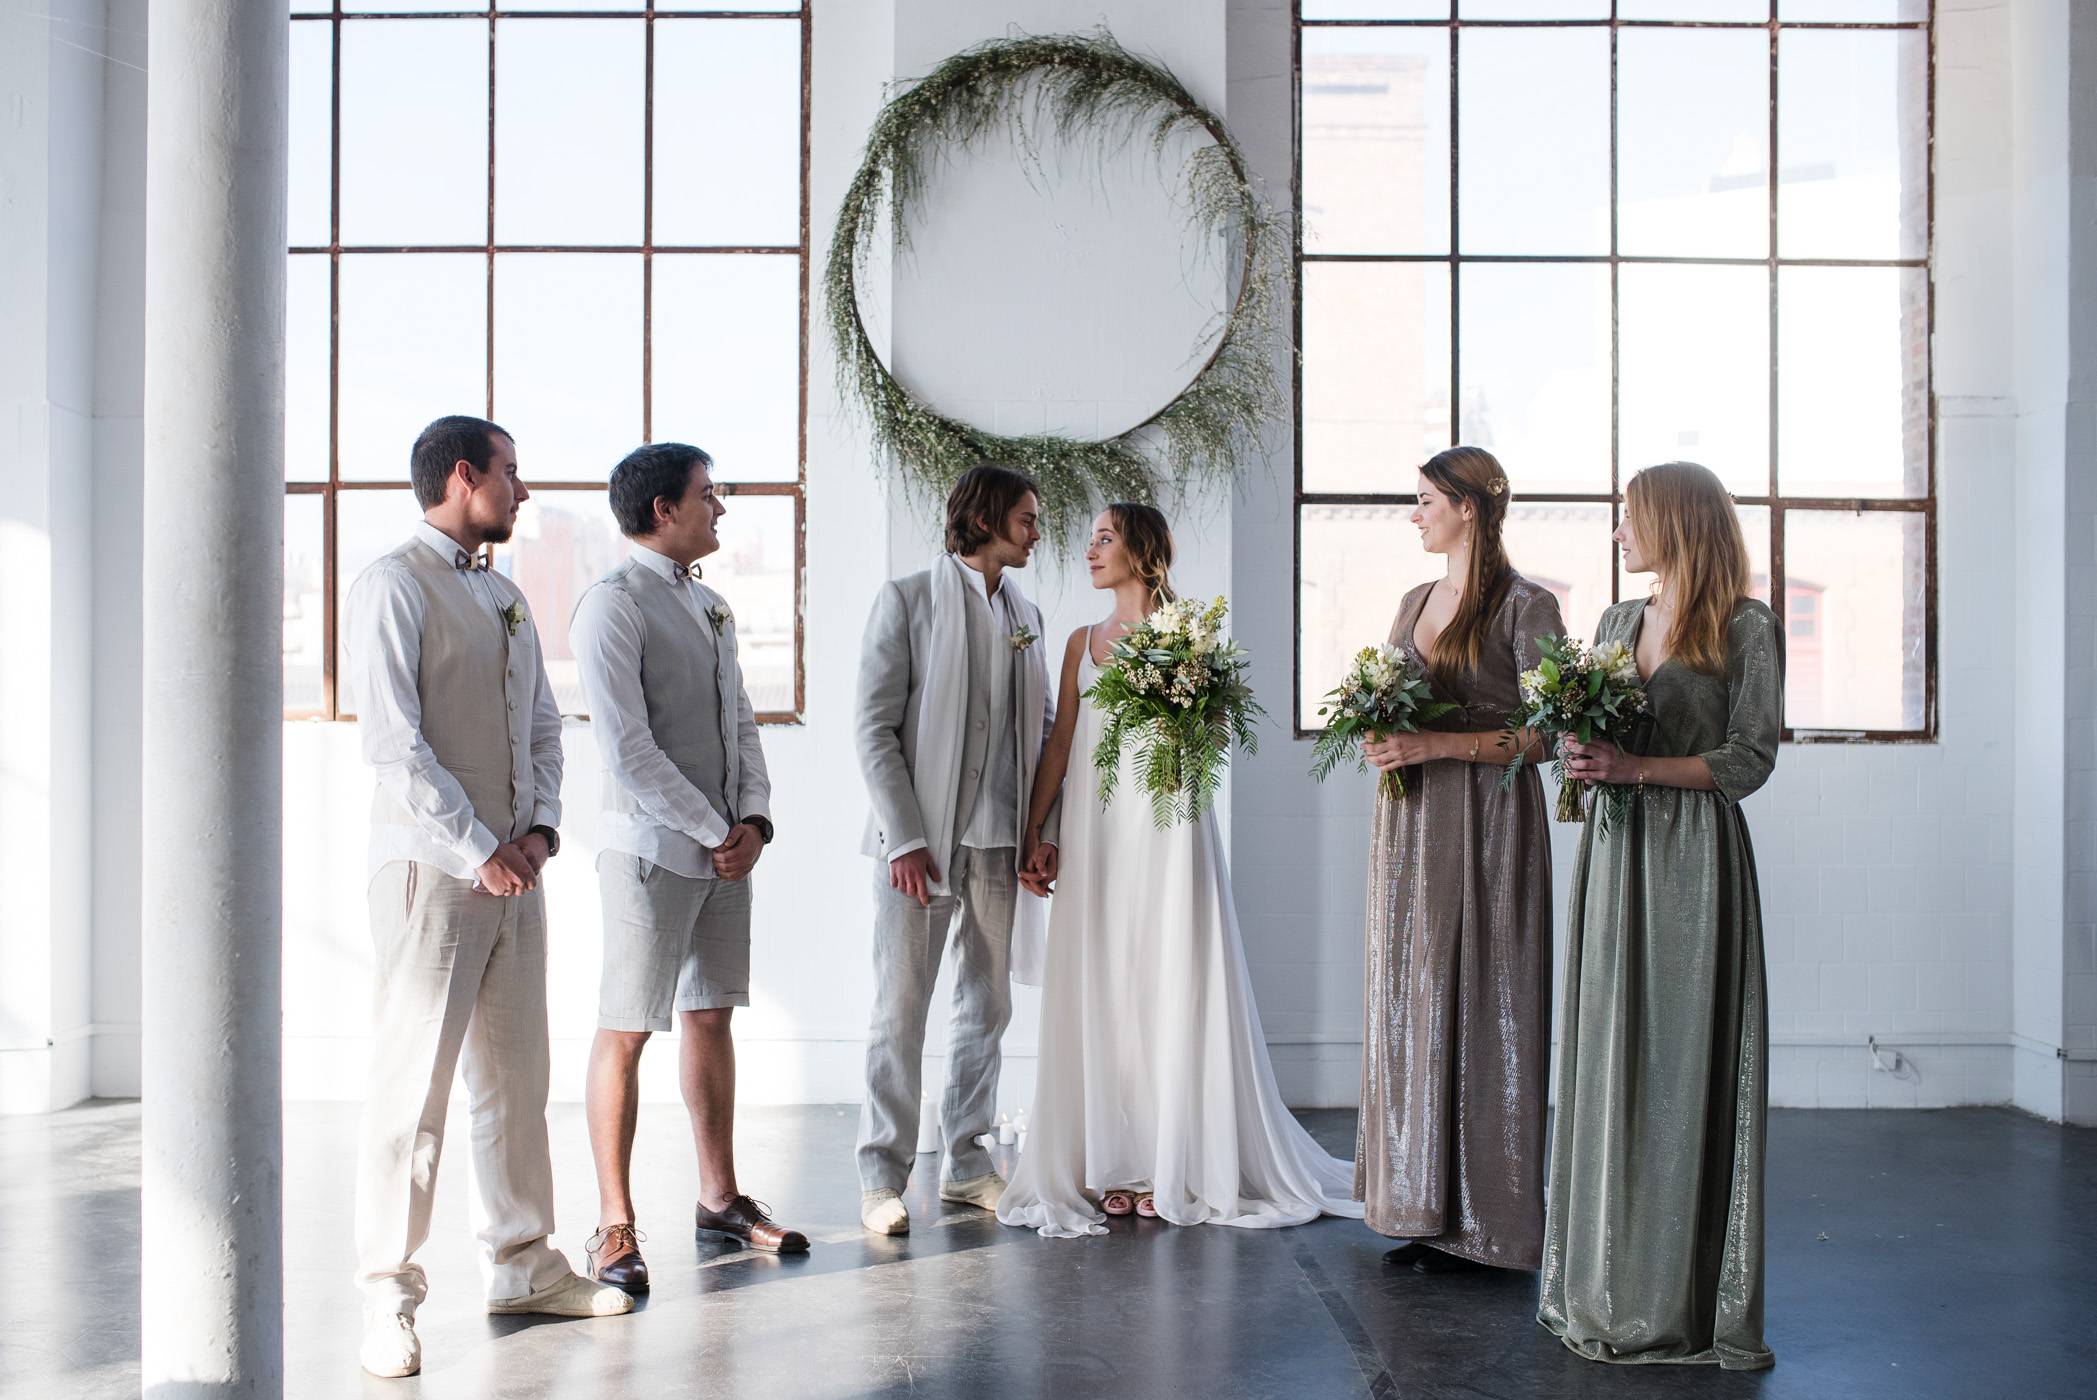 Comment organiser une cérémonie laïque de mariage | Credit Harold Abellan Photography pour Make My Wed